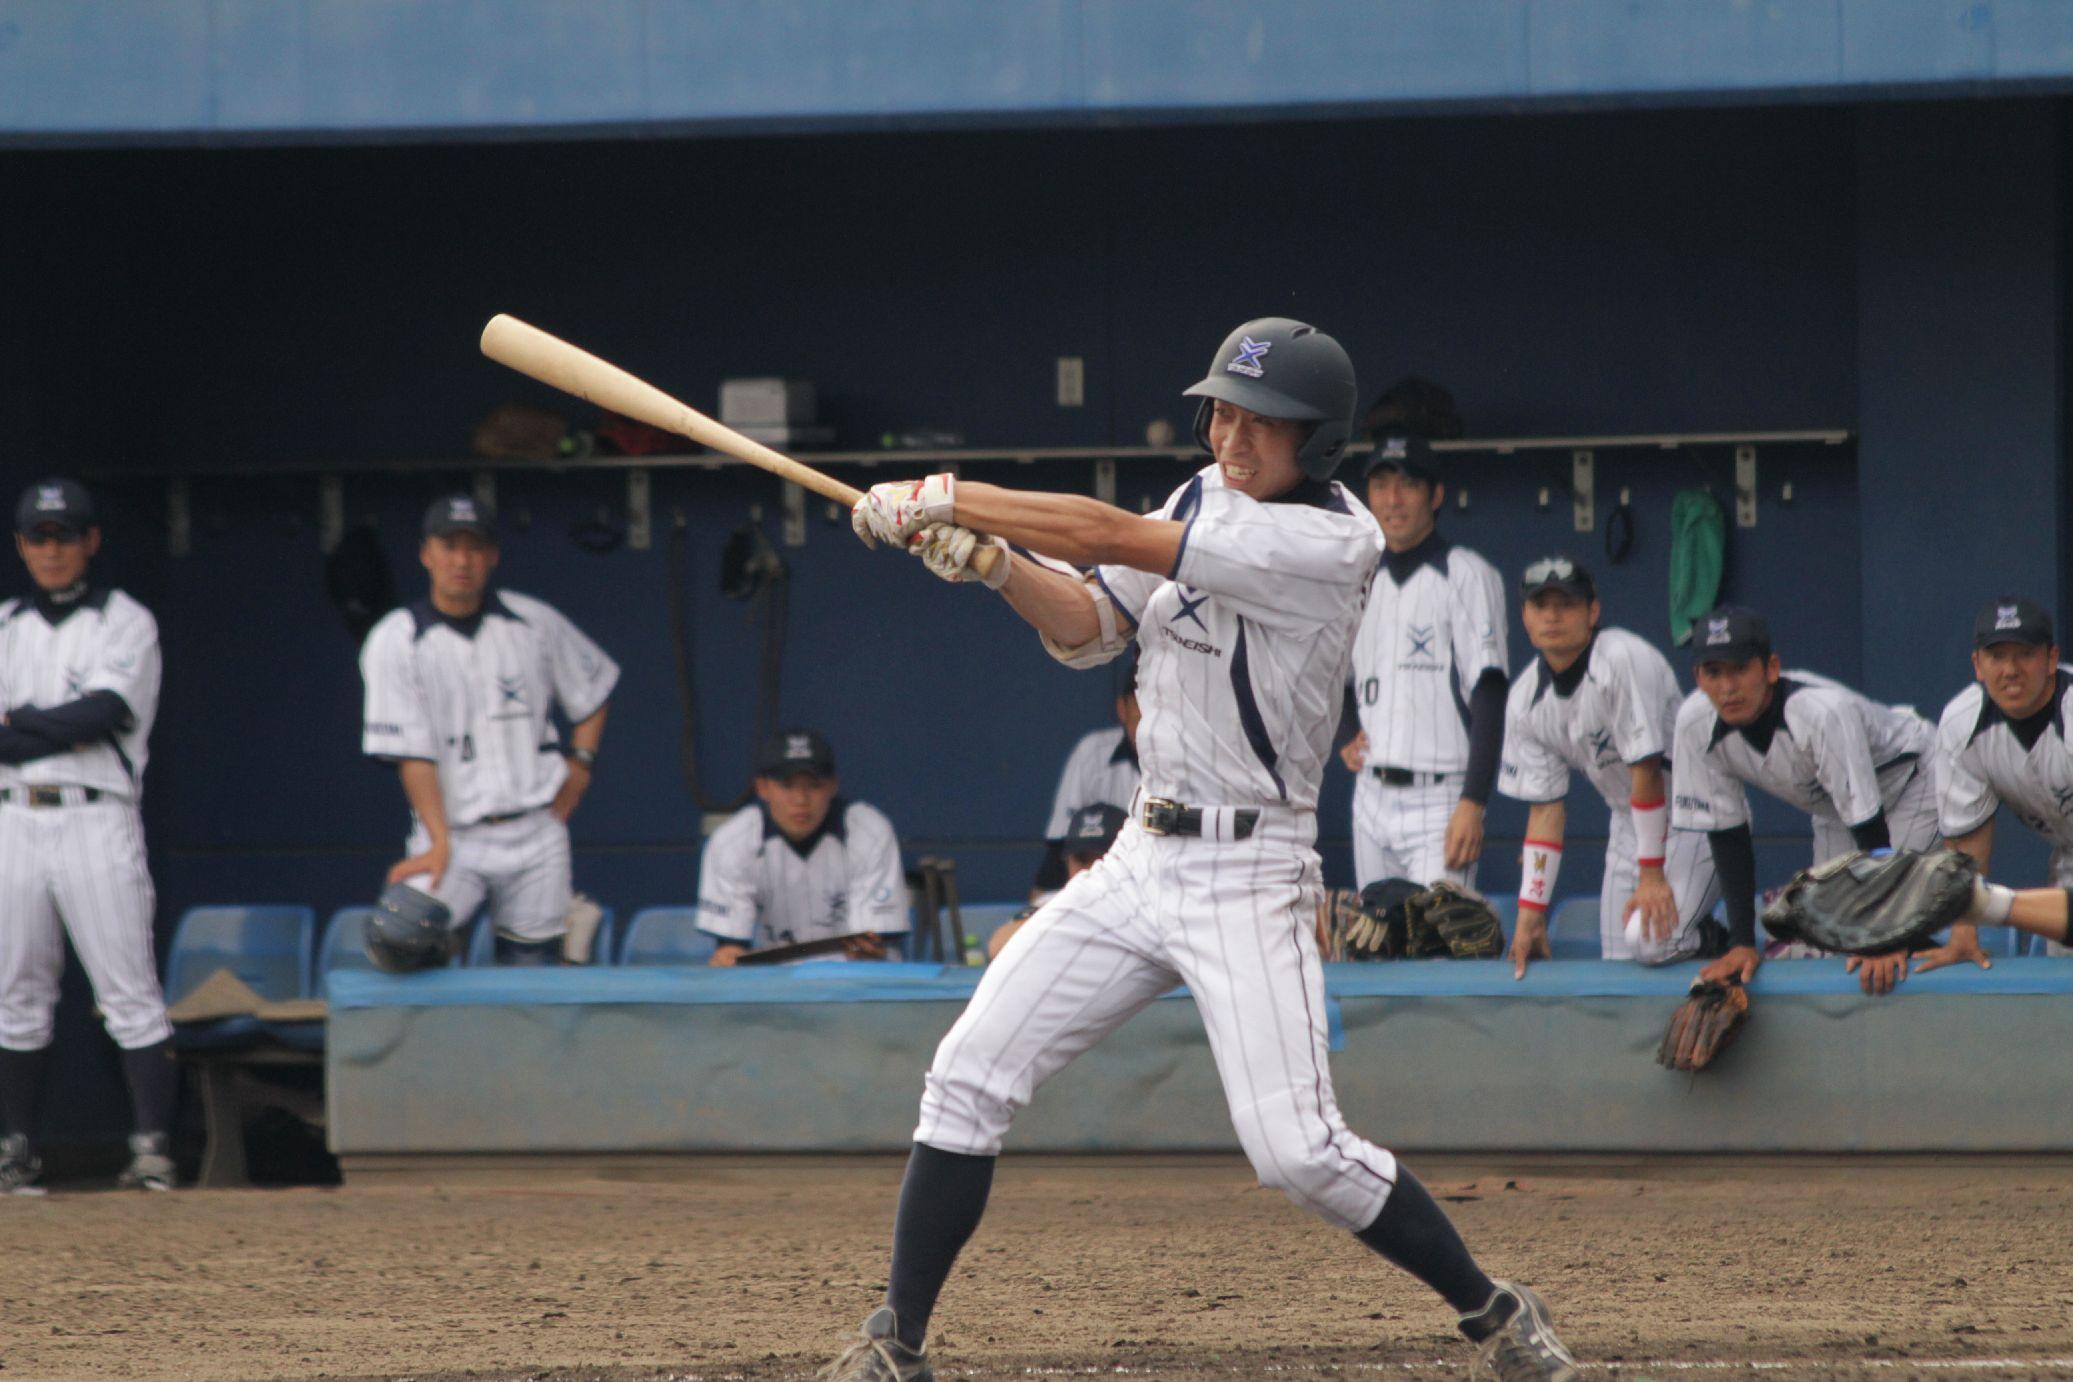 ツネイシ硬式野球部、第86回都市対抗野球大会広島県予選を突破、中国予選進出